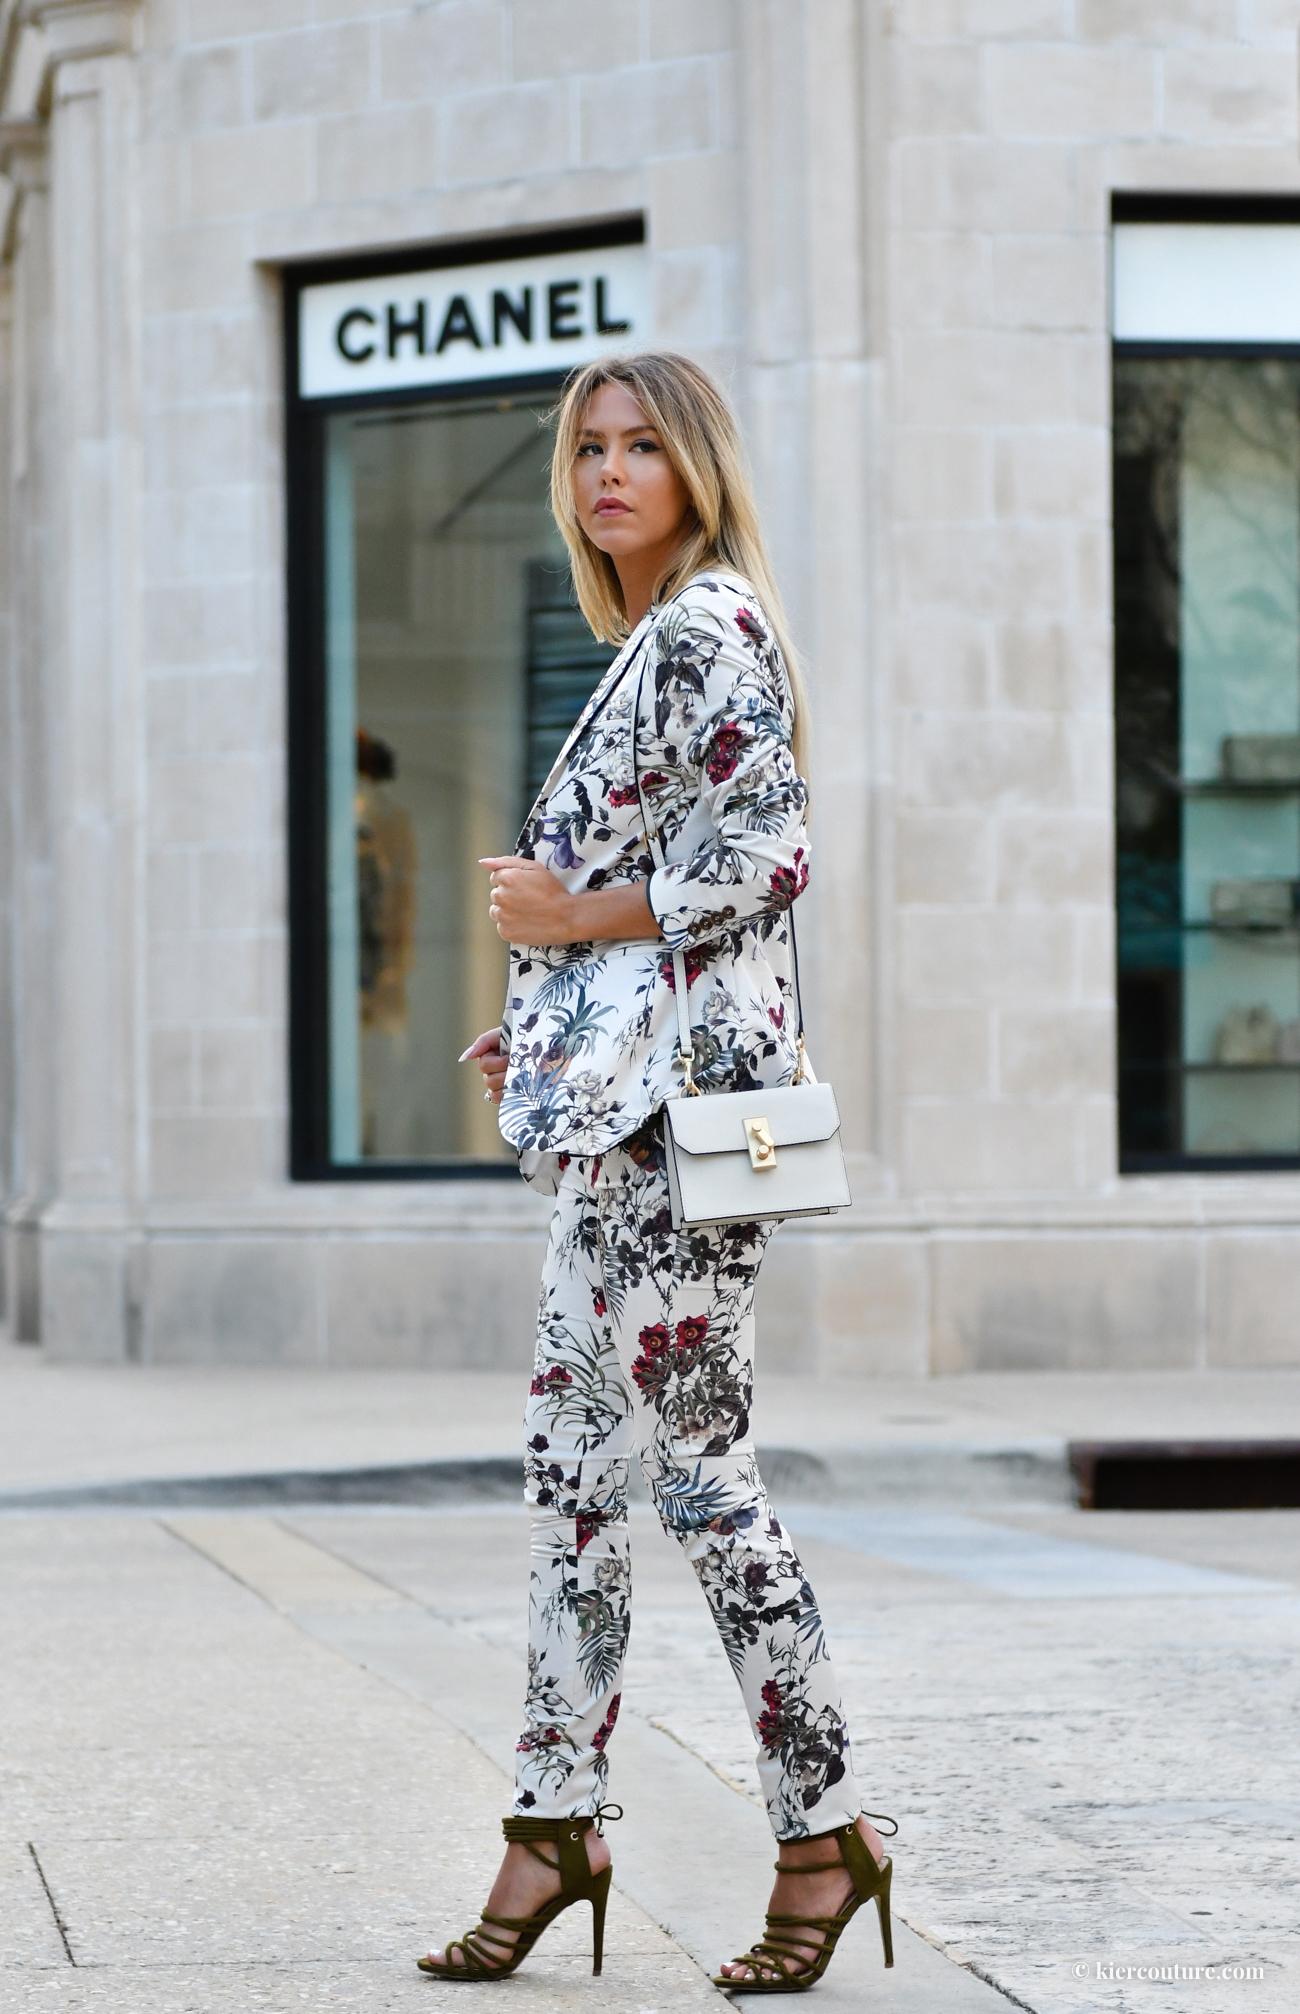 floral pants suit